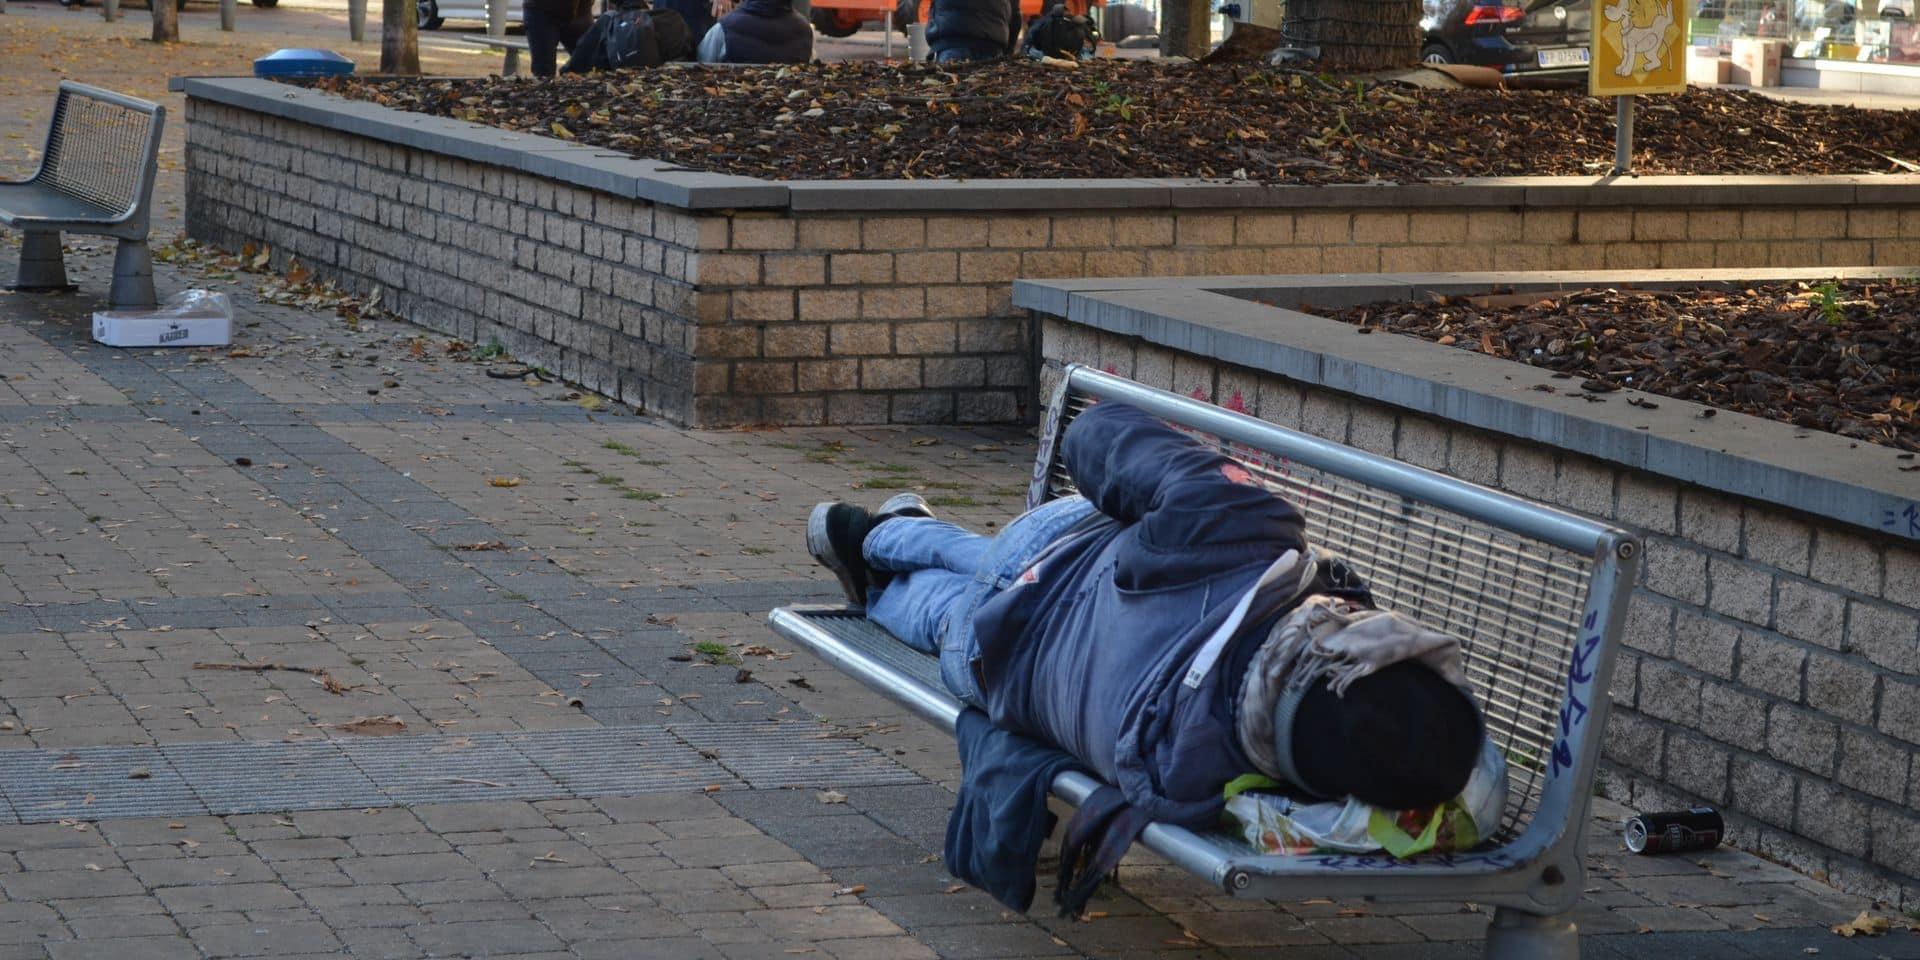 Sans-abri: l'appel à l'aide des structures d'accueil à Charleroi